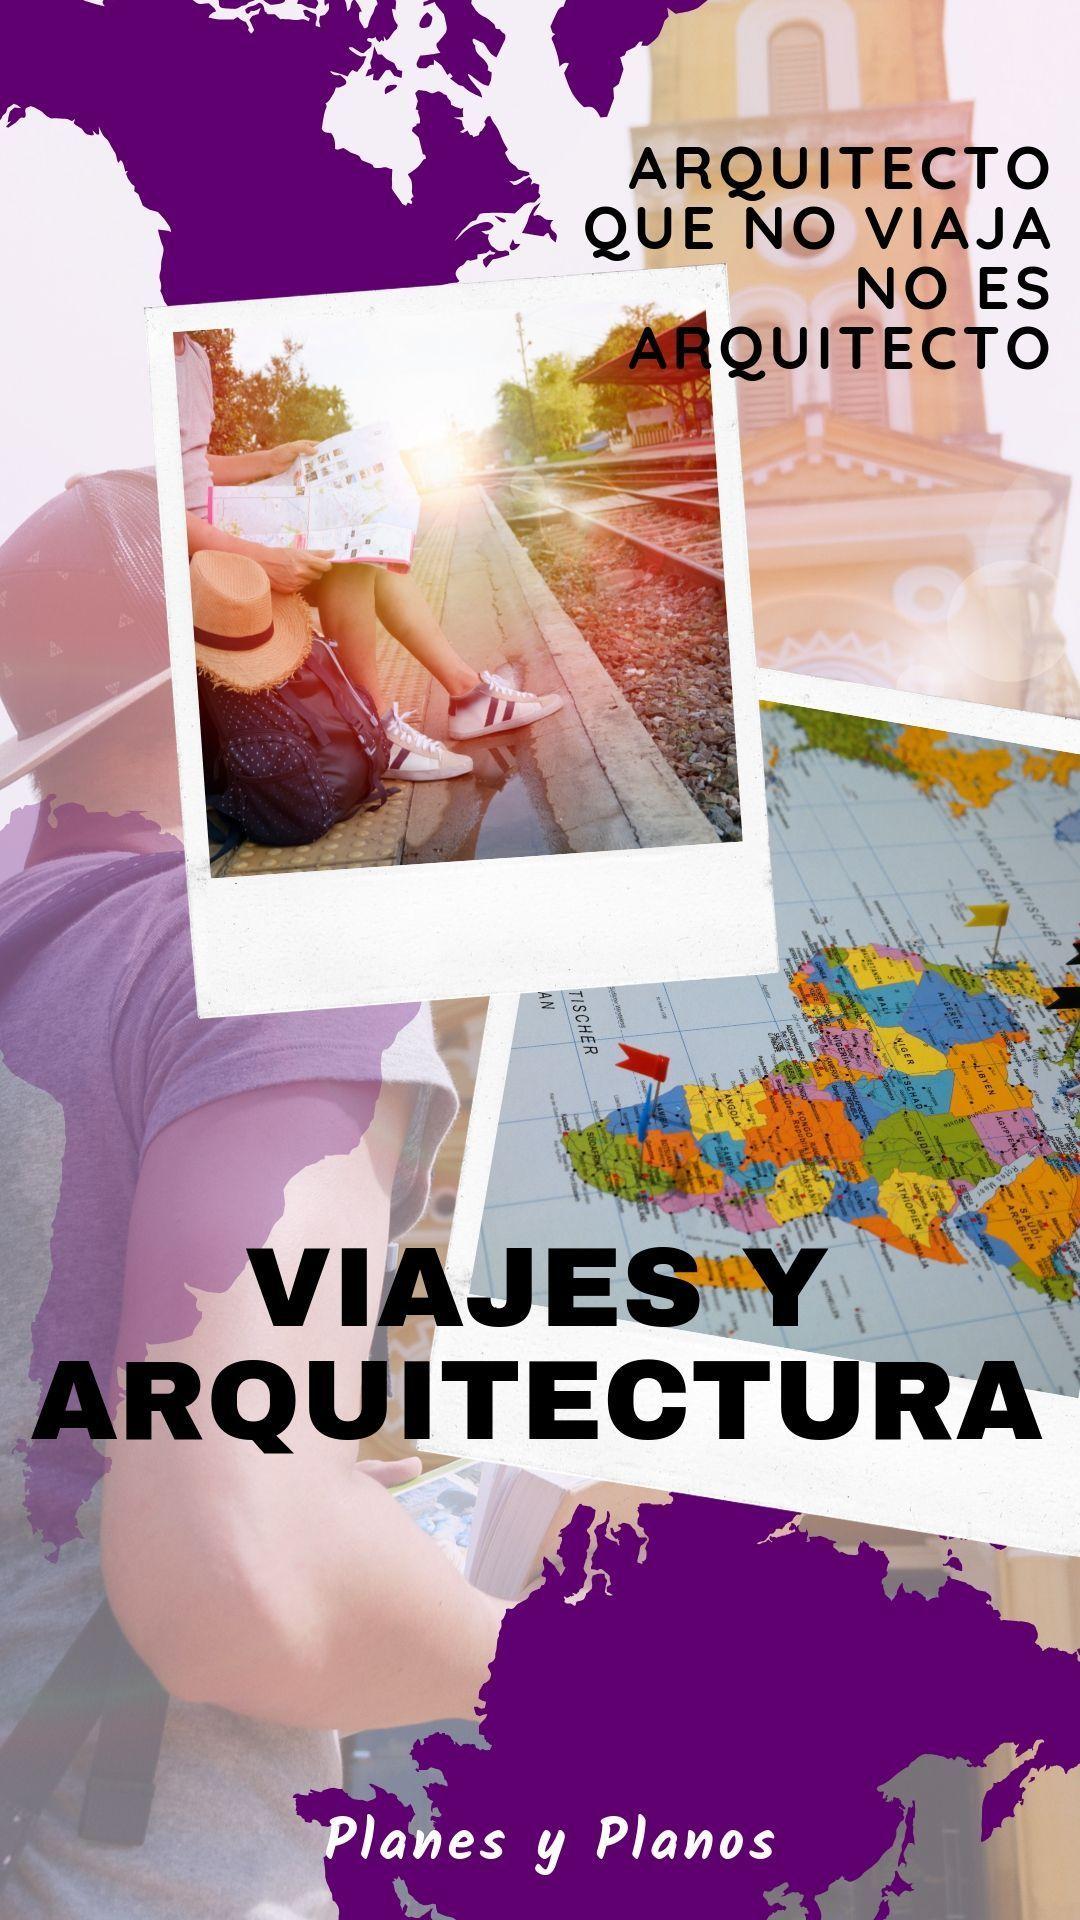 Arquitecto Que No Viaja No Es Arquitecto Frases